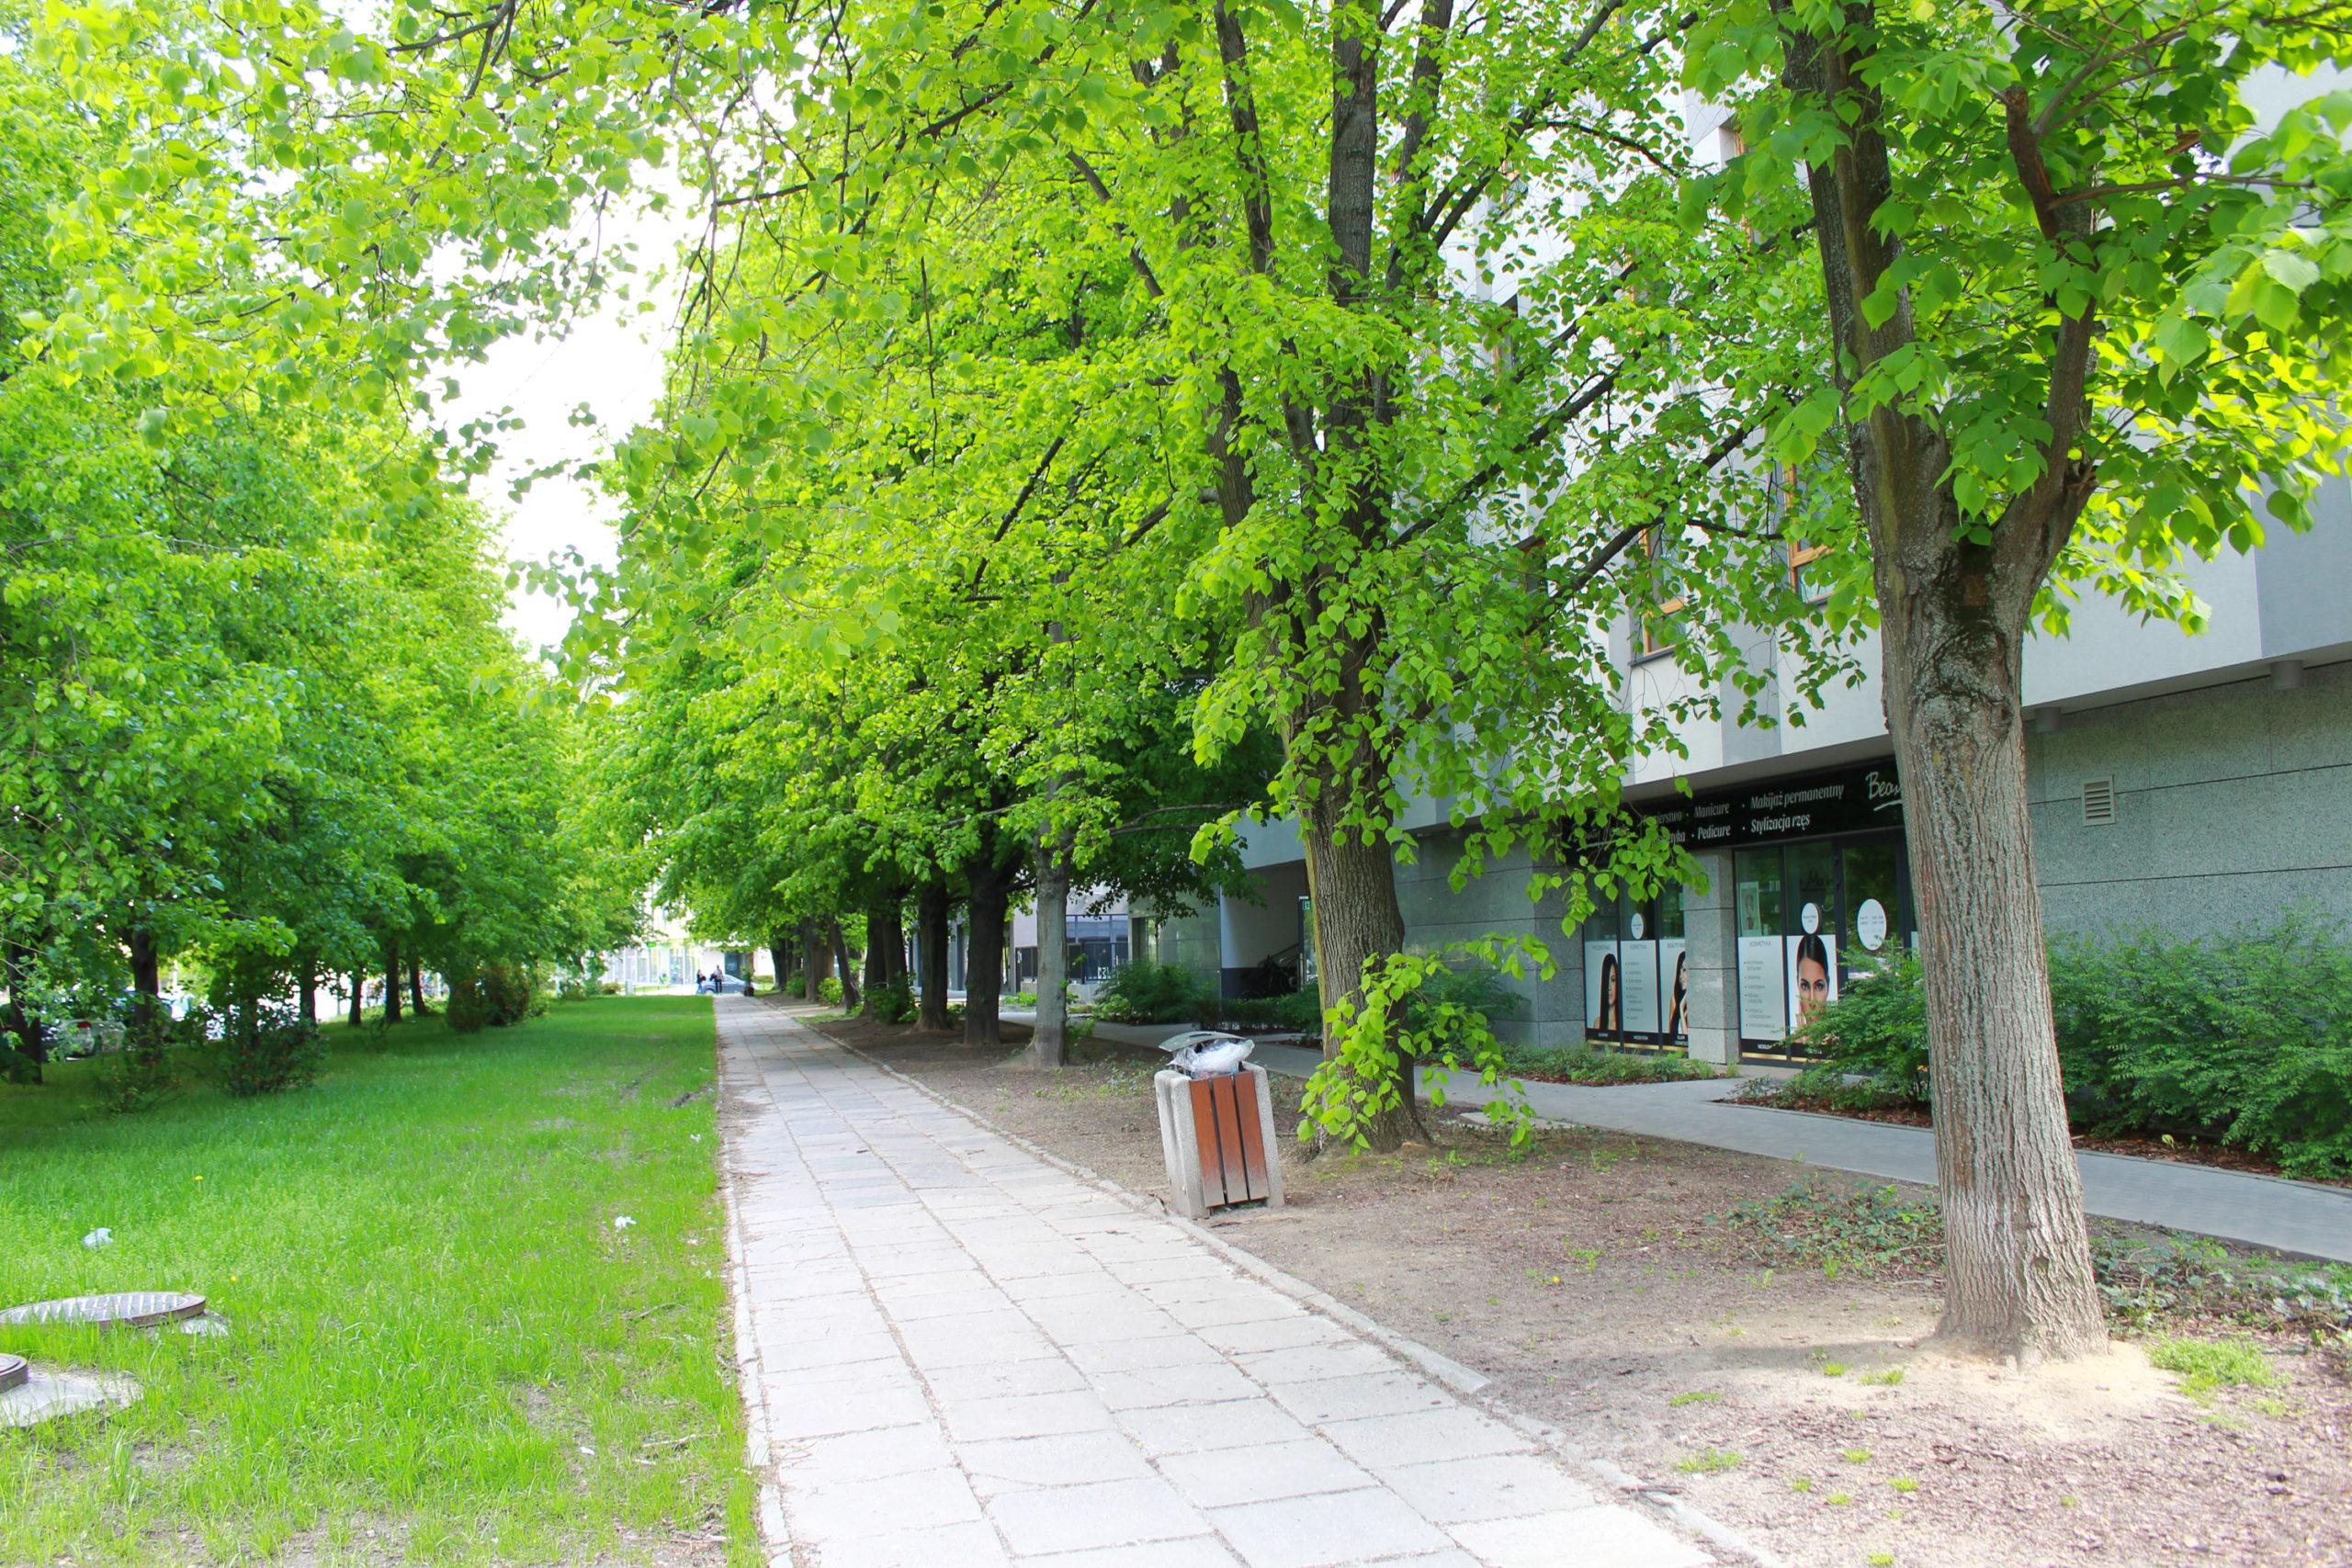 chodnik wśród drzew w mieście